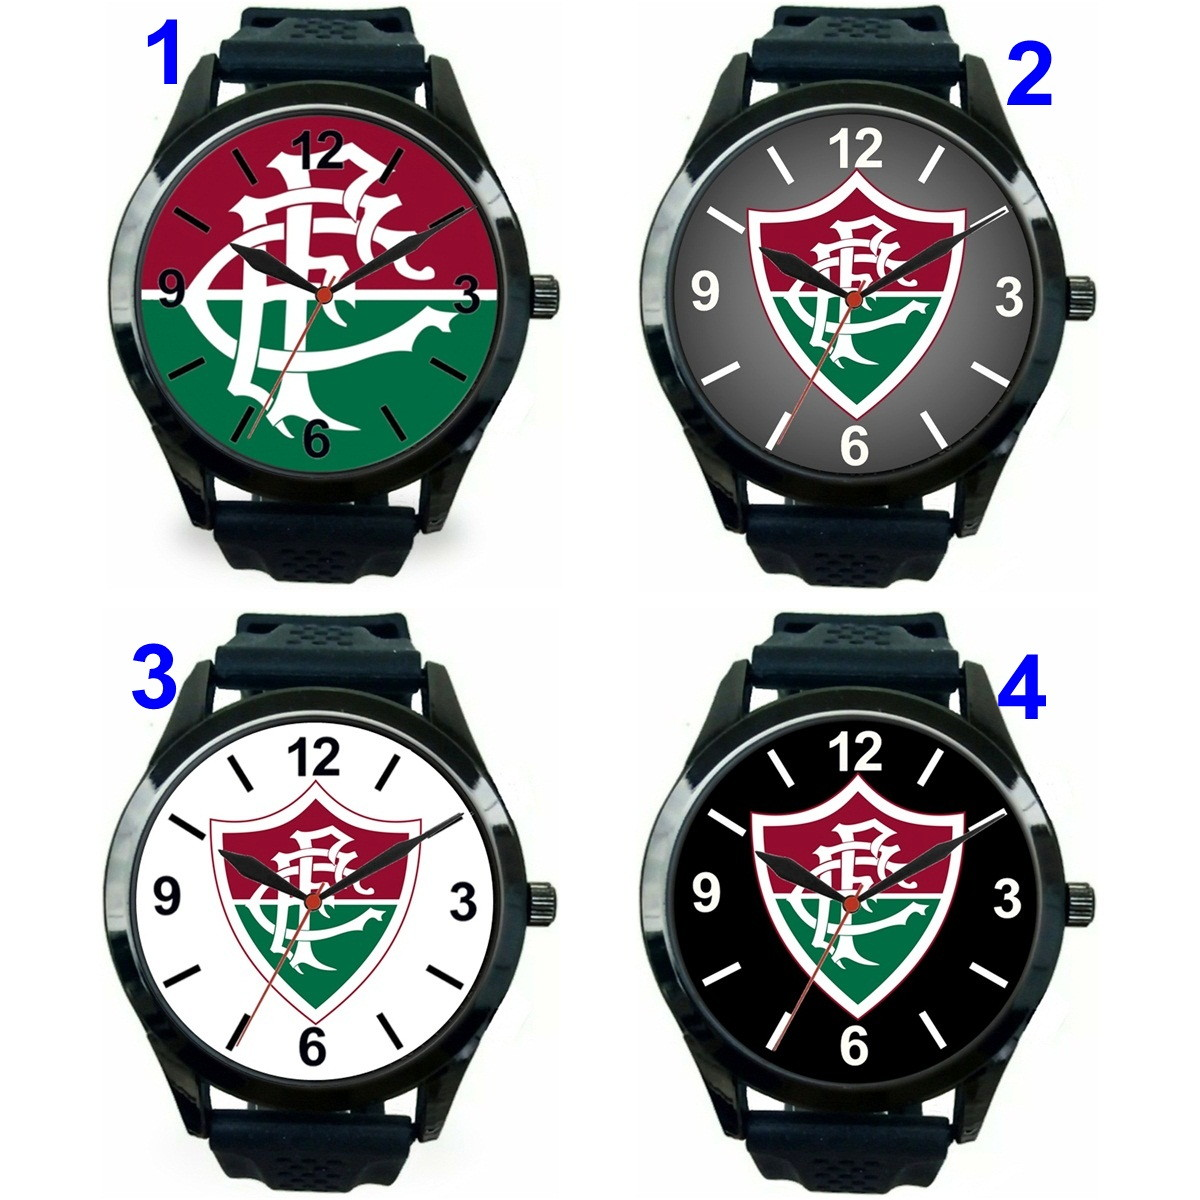 7de6cb5a7be 1 Relógio pulso personalizado esportivo Fluminense barato no Elo7 ...